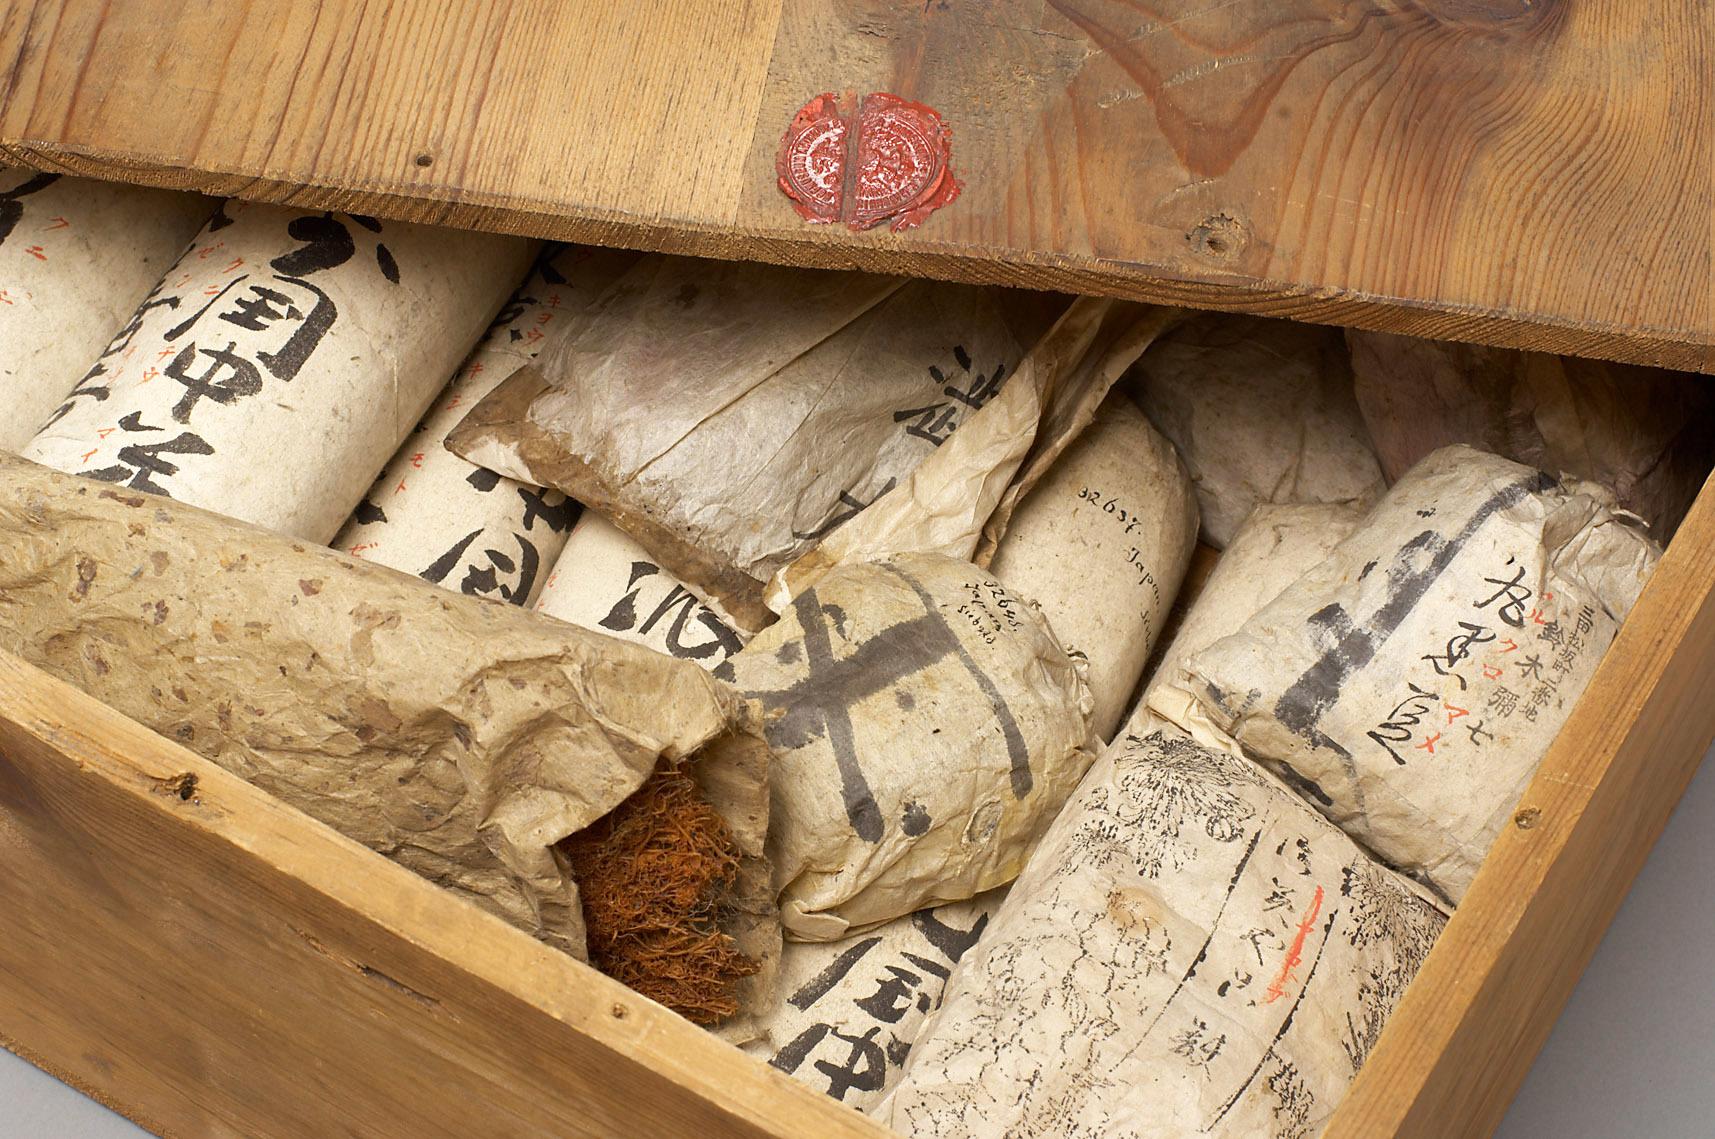 Fotografie einer Holzkiste mit Speiseproben aus den Sammlungen des Weltmuseum Wien. Die Kiste beinhaltet unter anderem in Papier verpackte Sojabohnen, die Verpackungen sind mit japanischen Zeichen beschriftet.